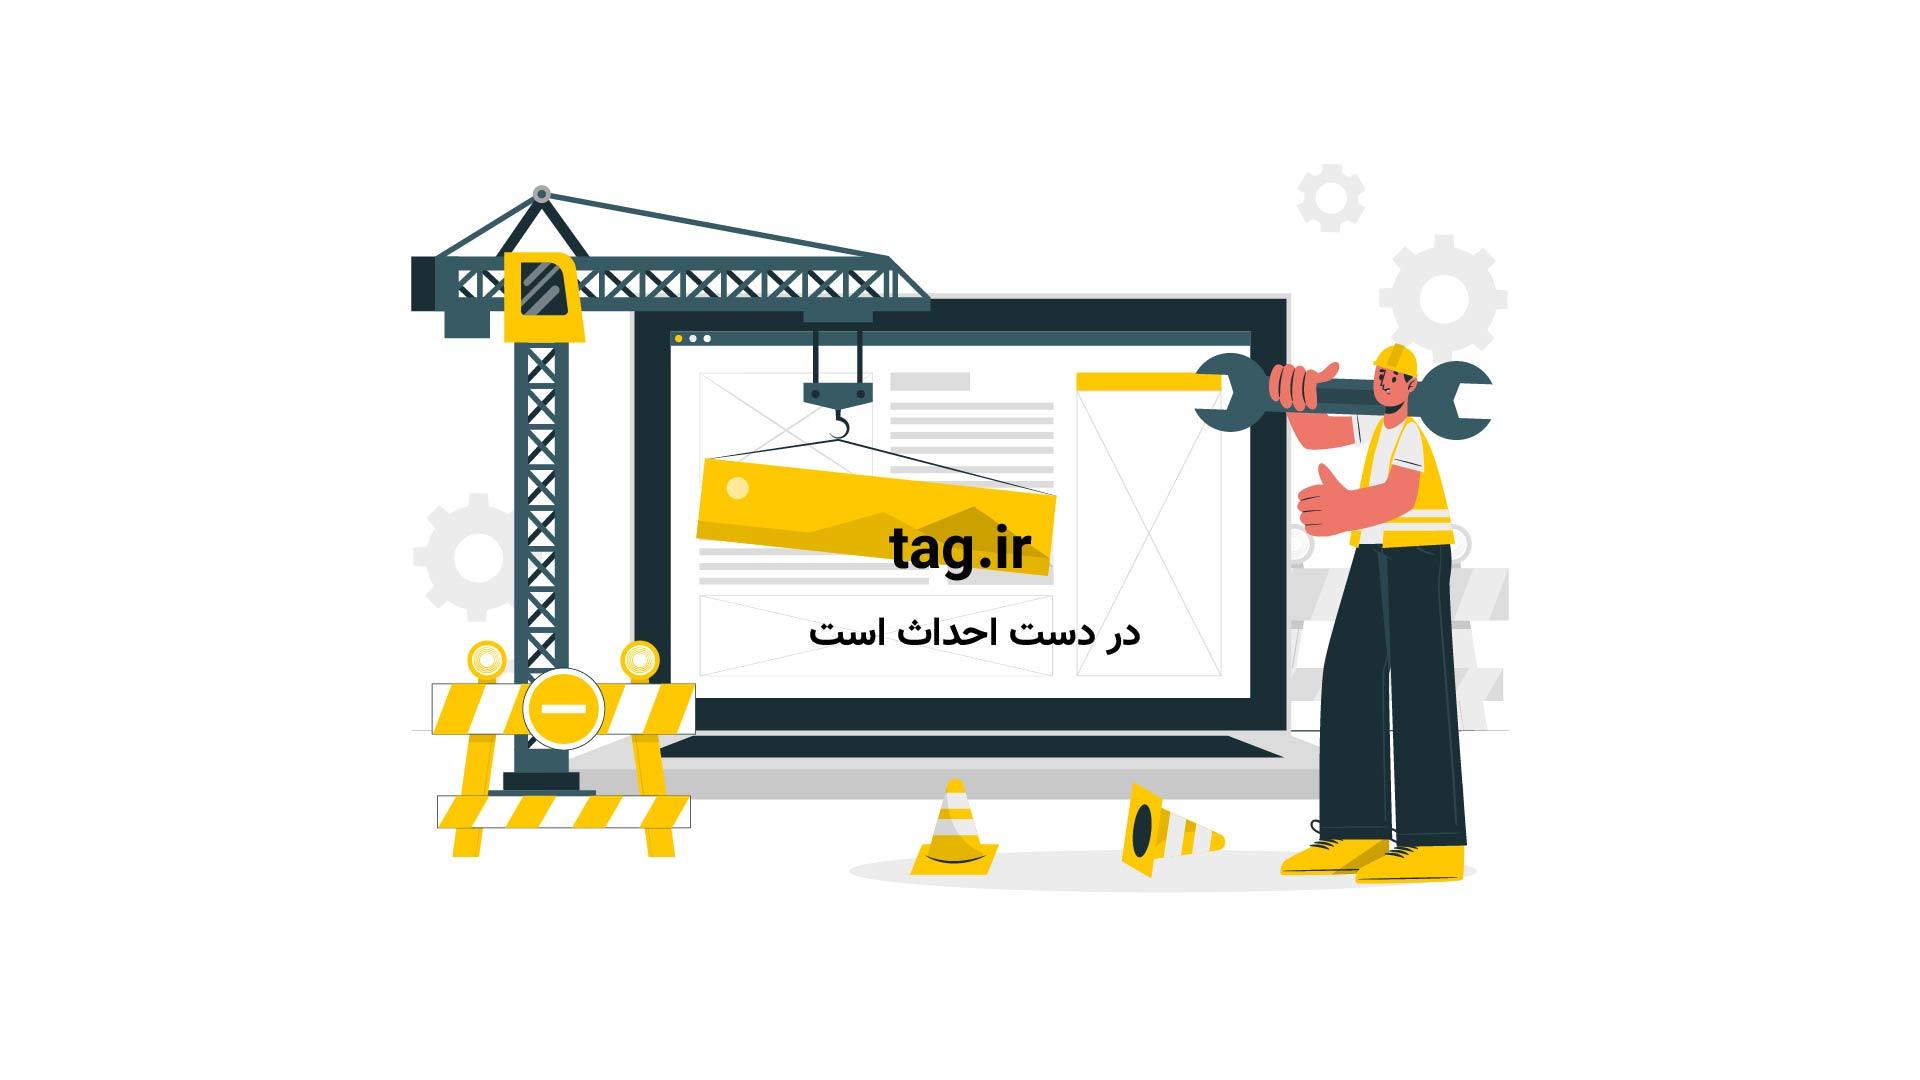 سخنرانیهای تد؛ غارهای یخی که بالاخره کشف شد | فیلم